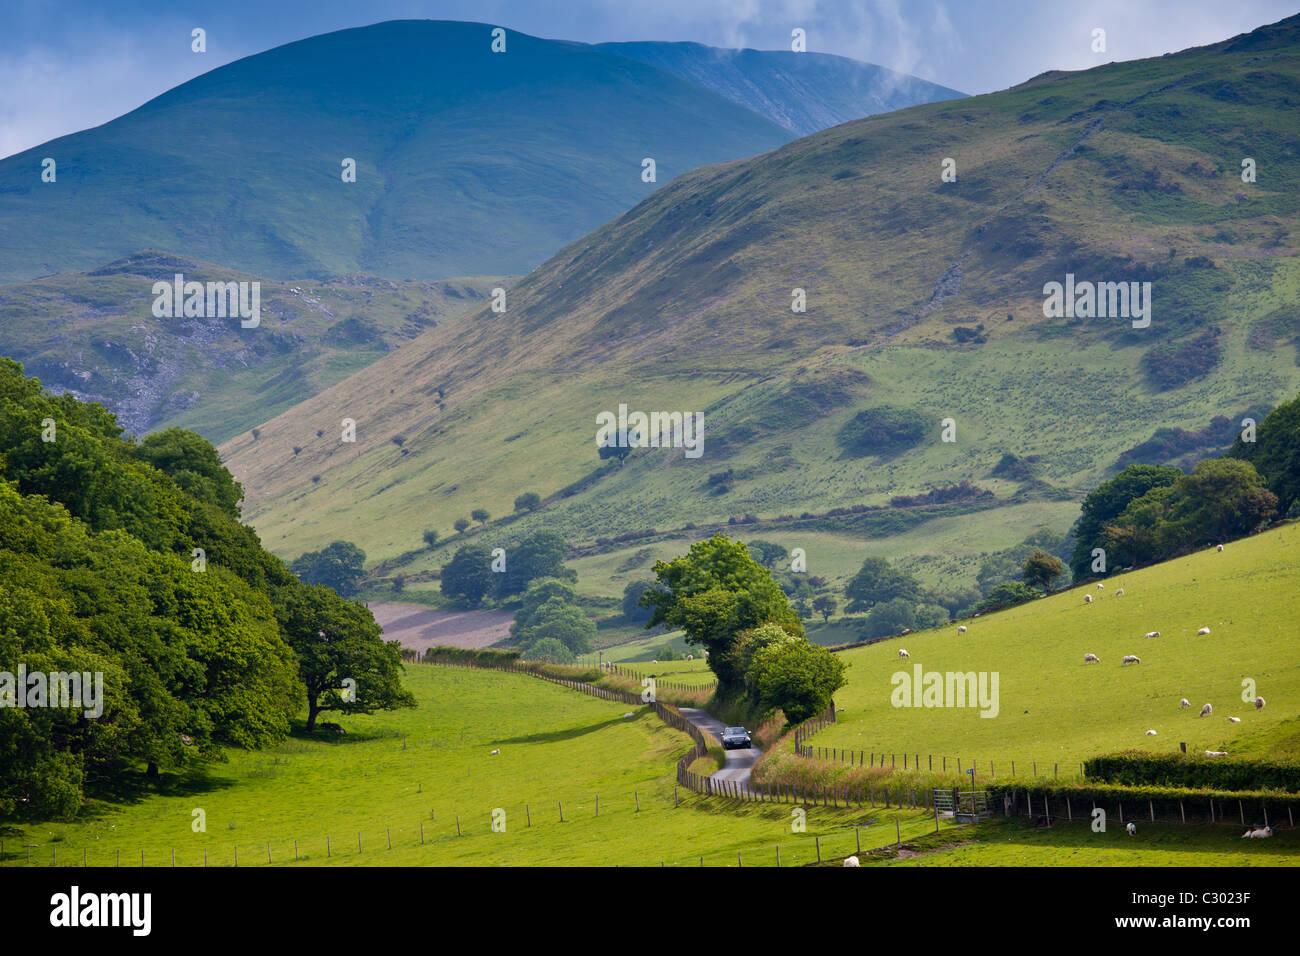 A lo largo de automovilismo de coche a través de la pintoresca carretera serpenteante valle en Llanfihangel, Imagen De Stock